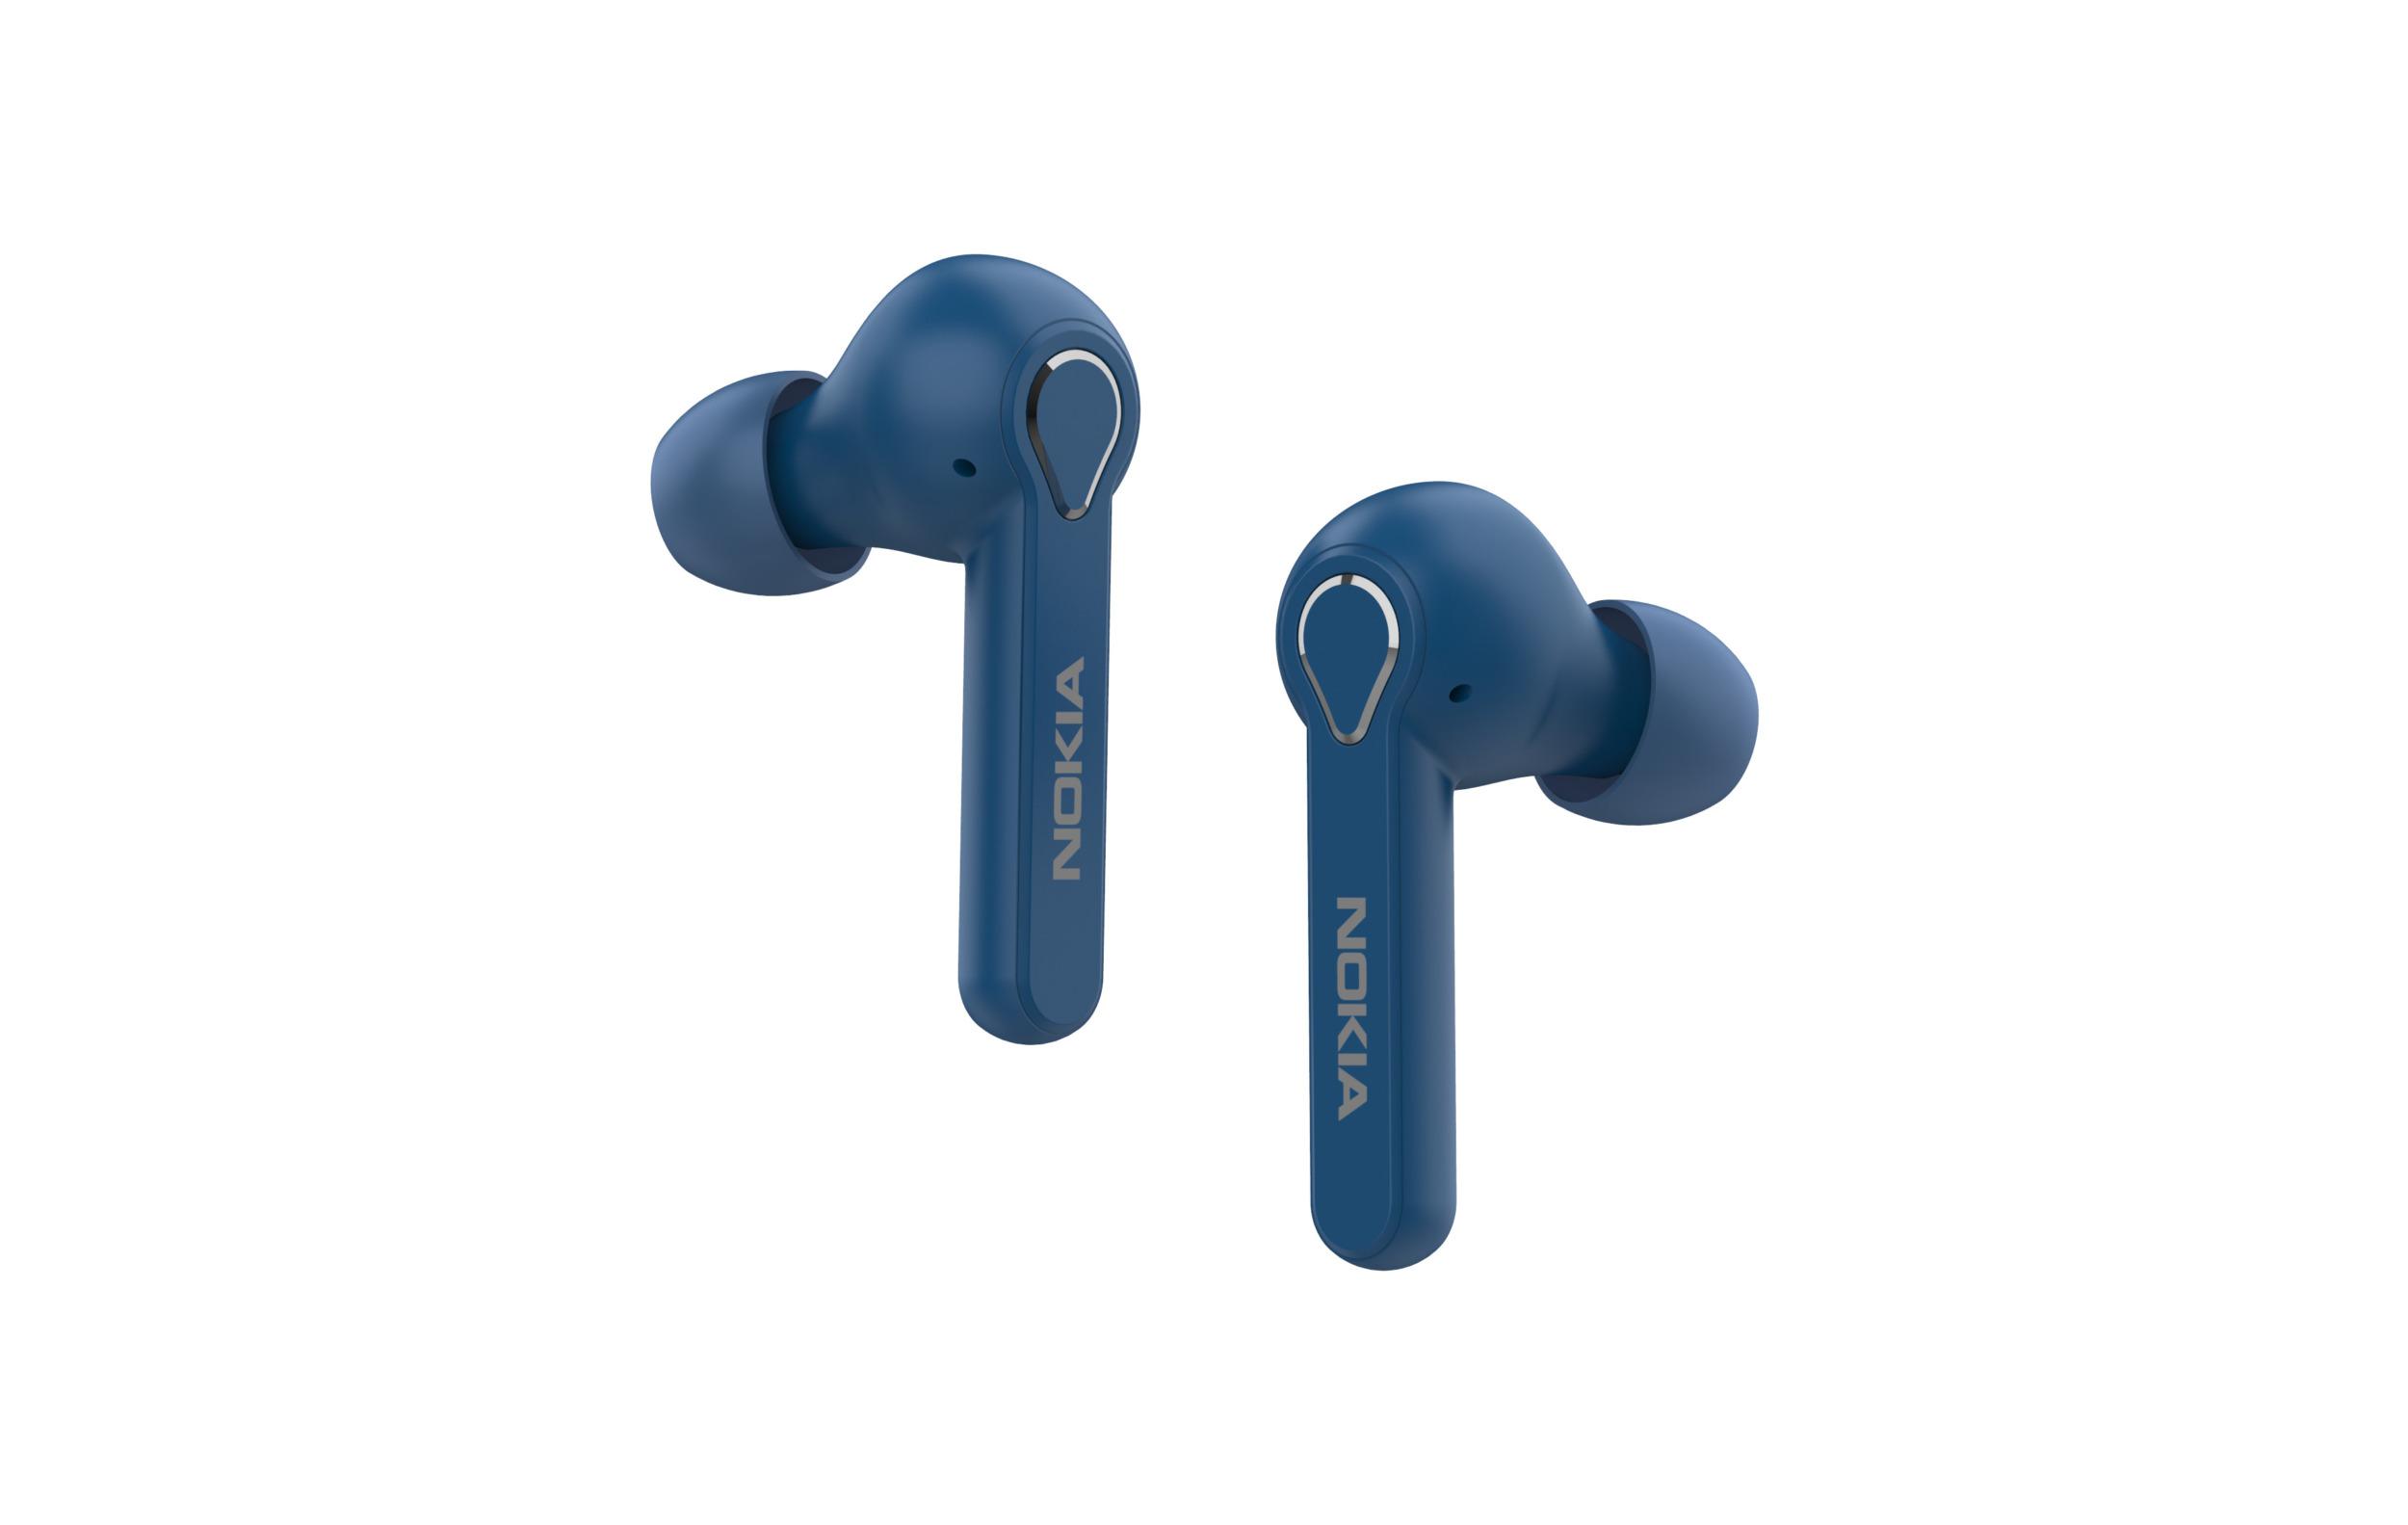 Nokia Lite Earbuds jsou nová bezdrátová sluchátka s dlouhou výdrží